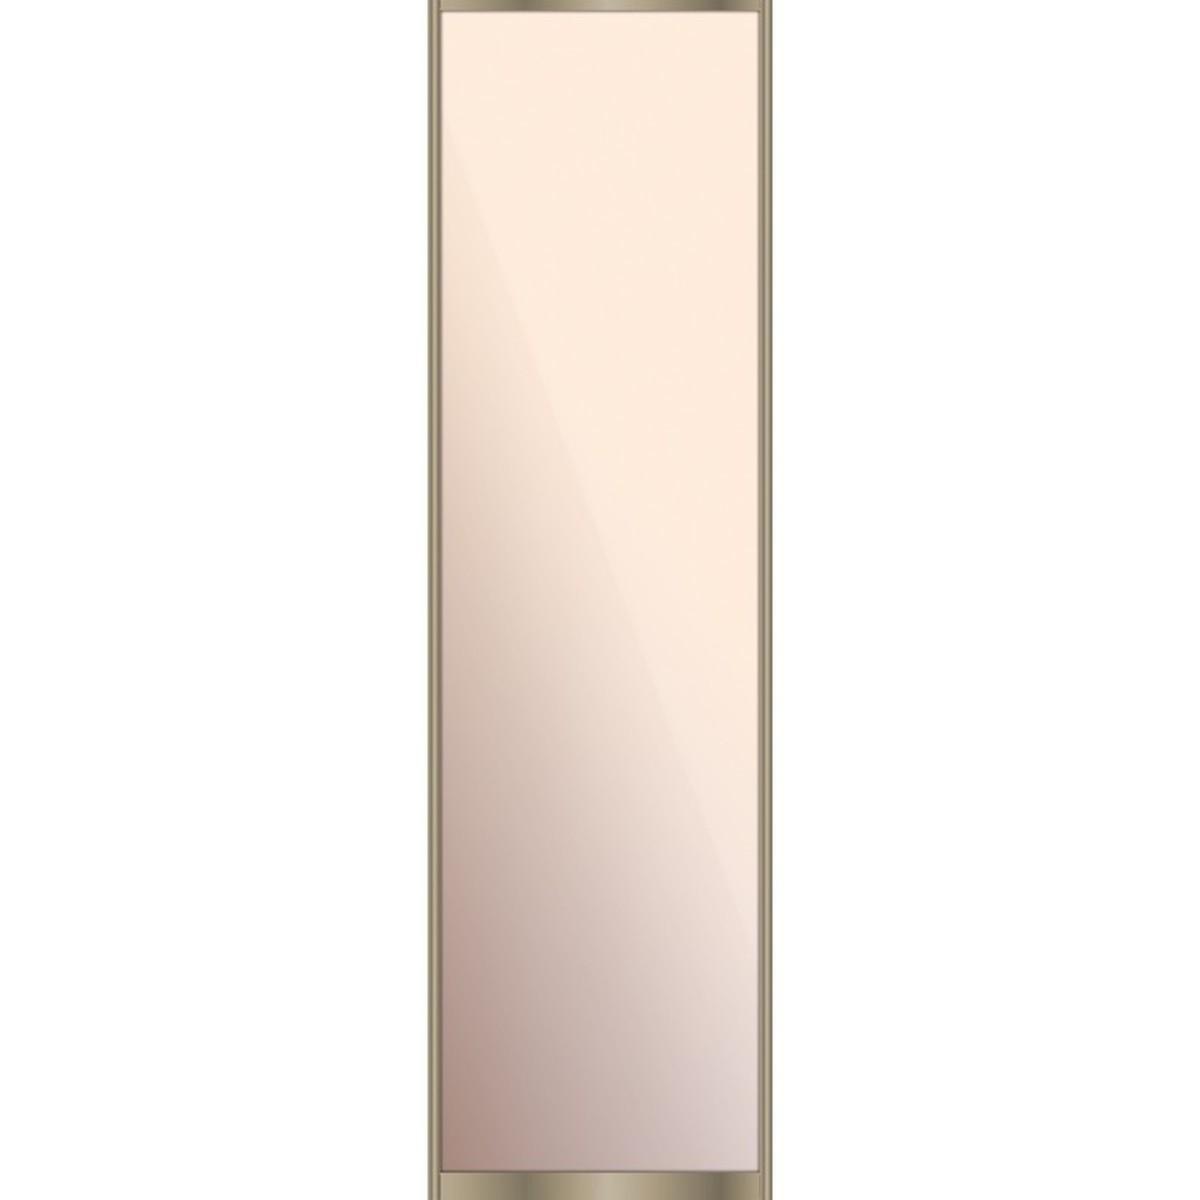 Дверь-купе 2555х704 мм цвет зеркало/шампань